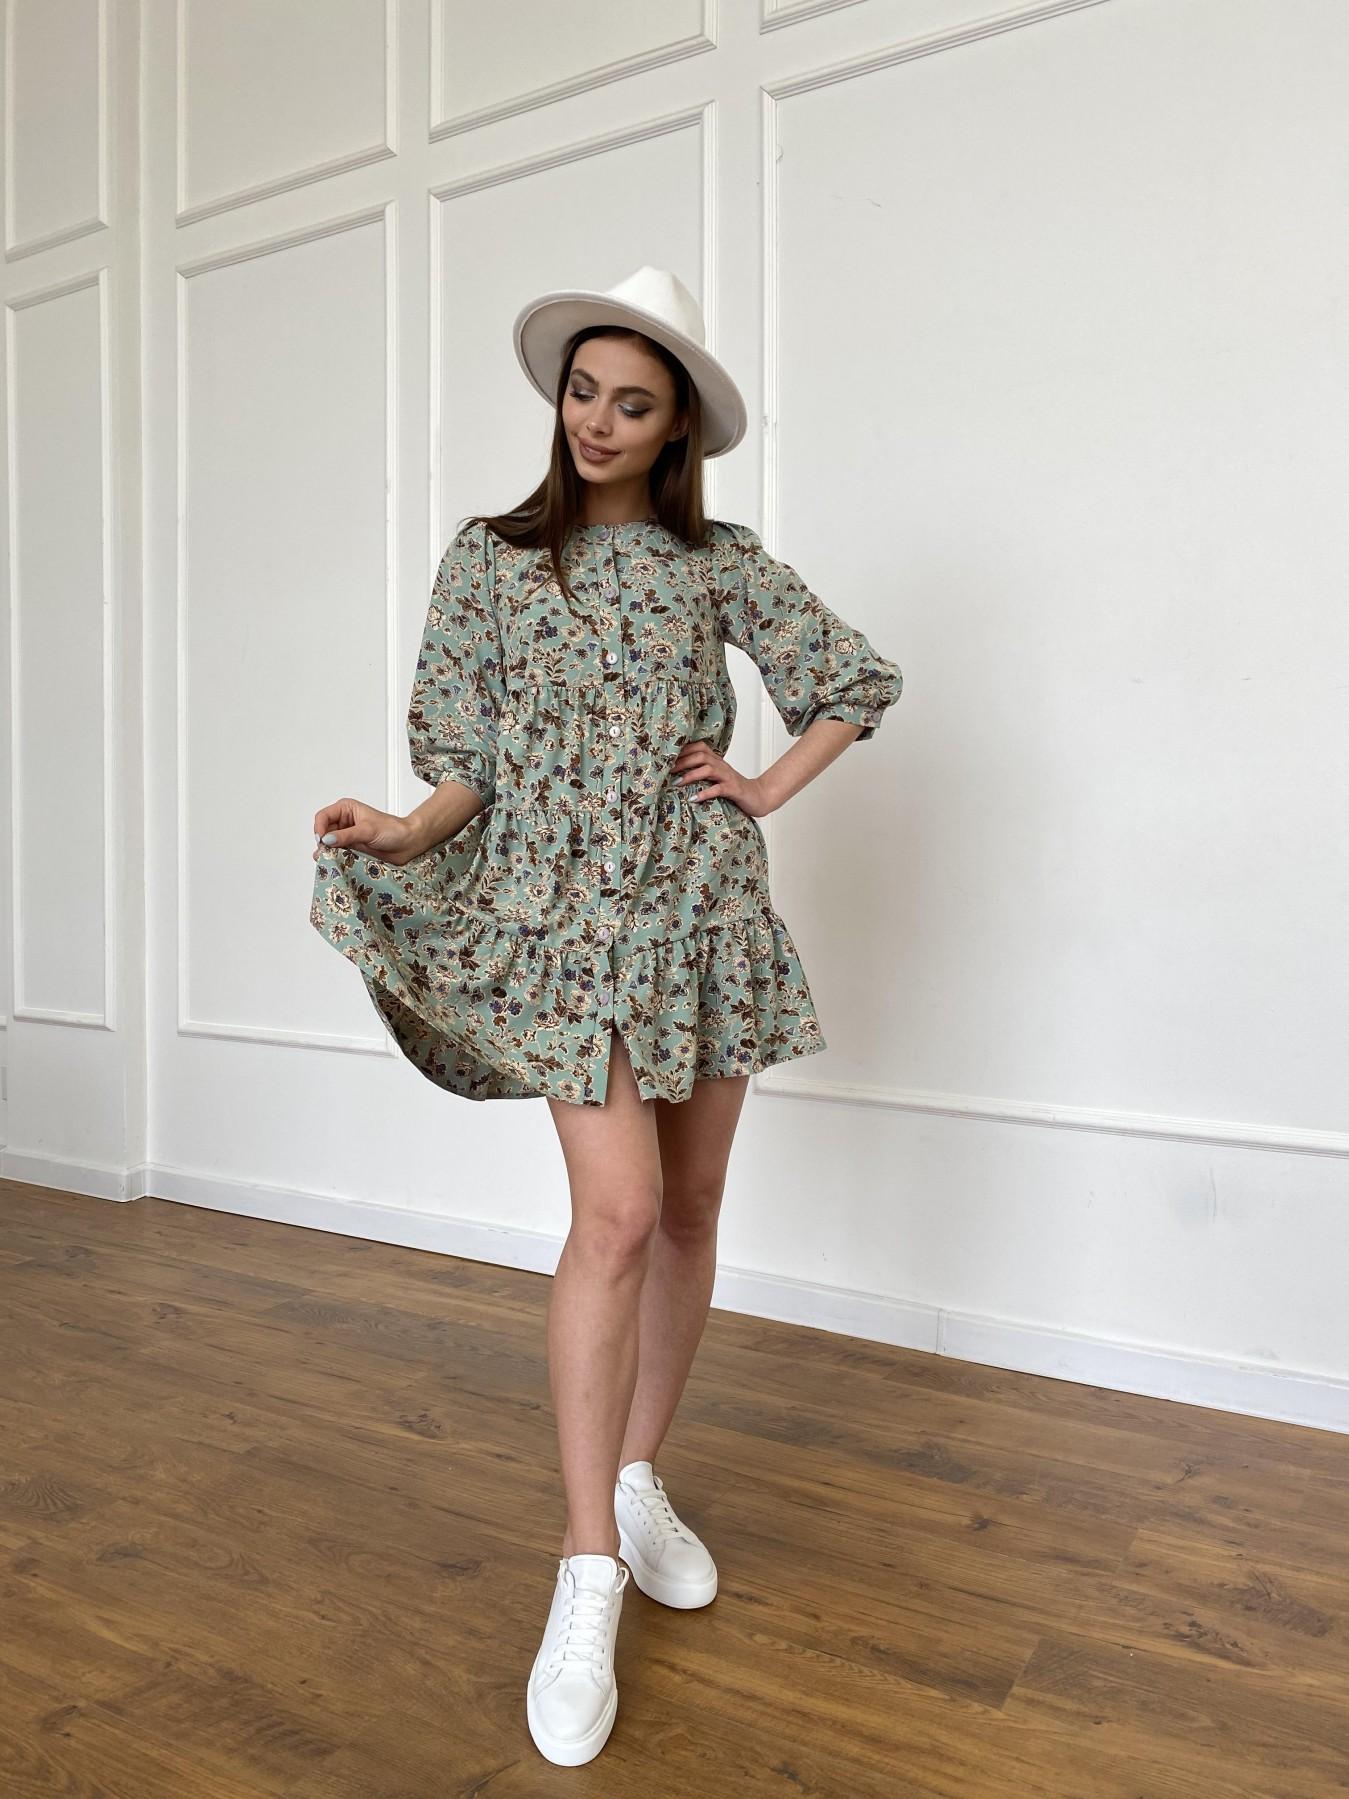 Берри платье из ткани софт в принт 11211 АРТ. 47722 Цвет: Олива/бежевый, Цветы - фото 6, интернет магазин tm-modus.ru